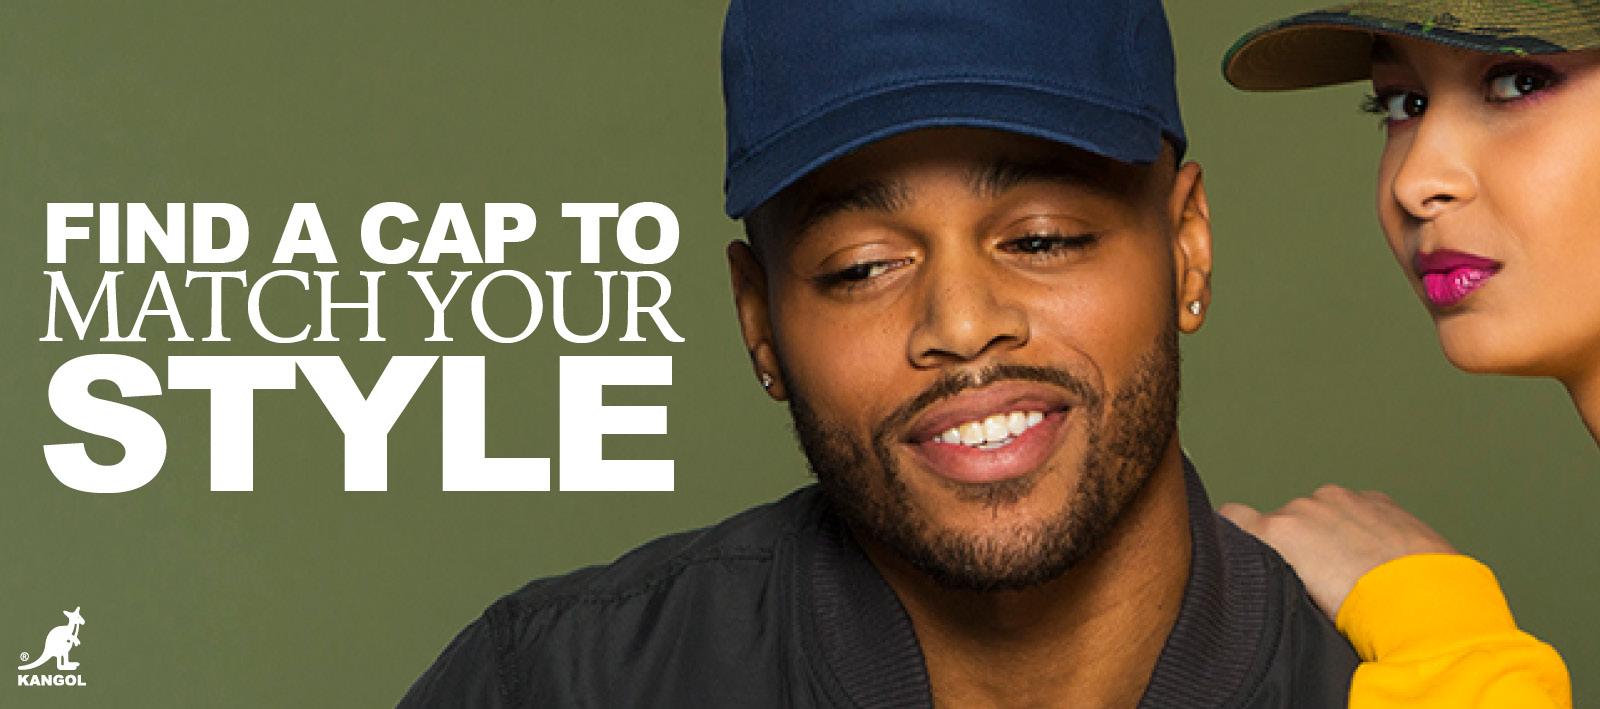 Shop All Caps